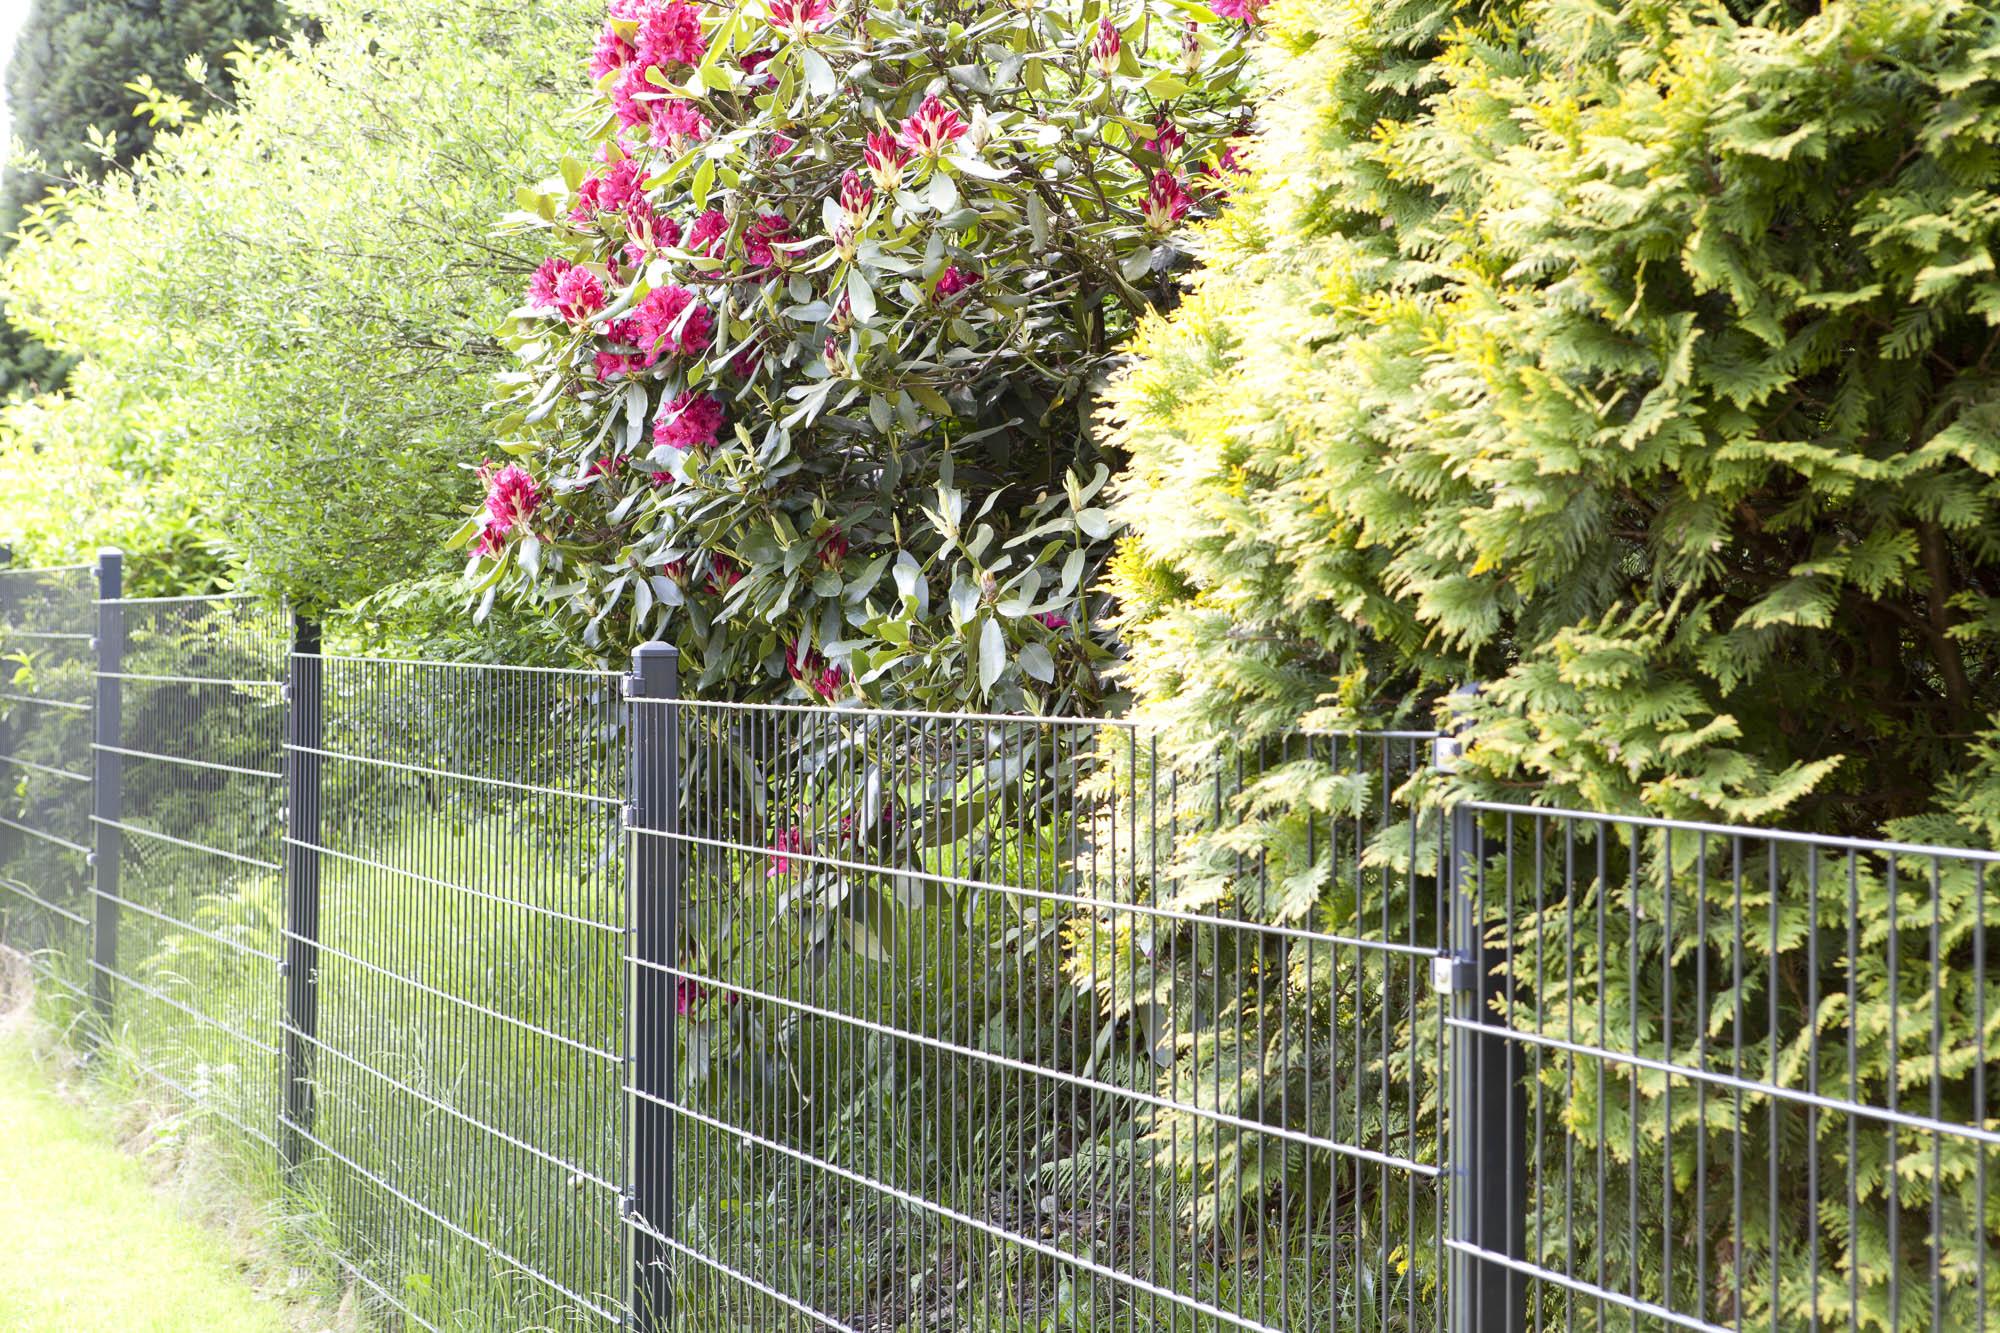 Gartenzaun Metall Set 12 Meter Höhe 805 mm grün Doppelstabgitter